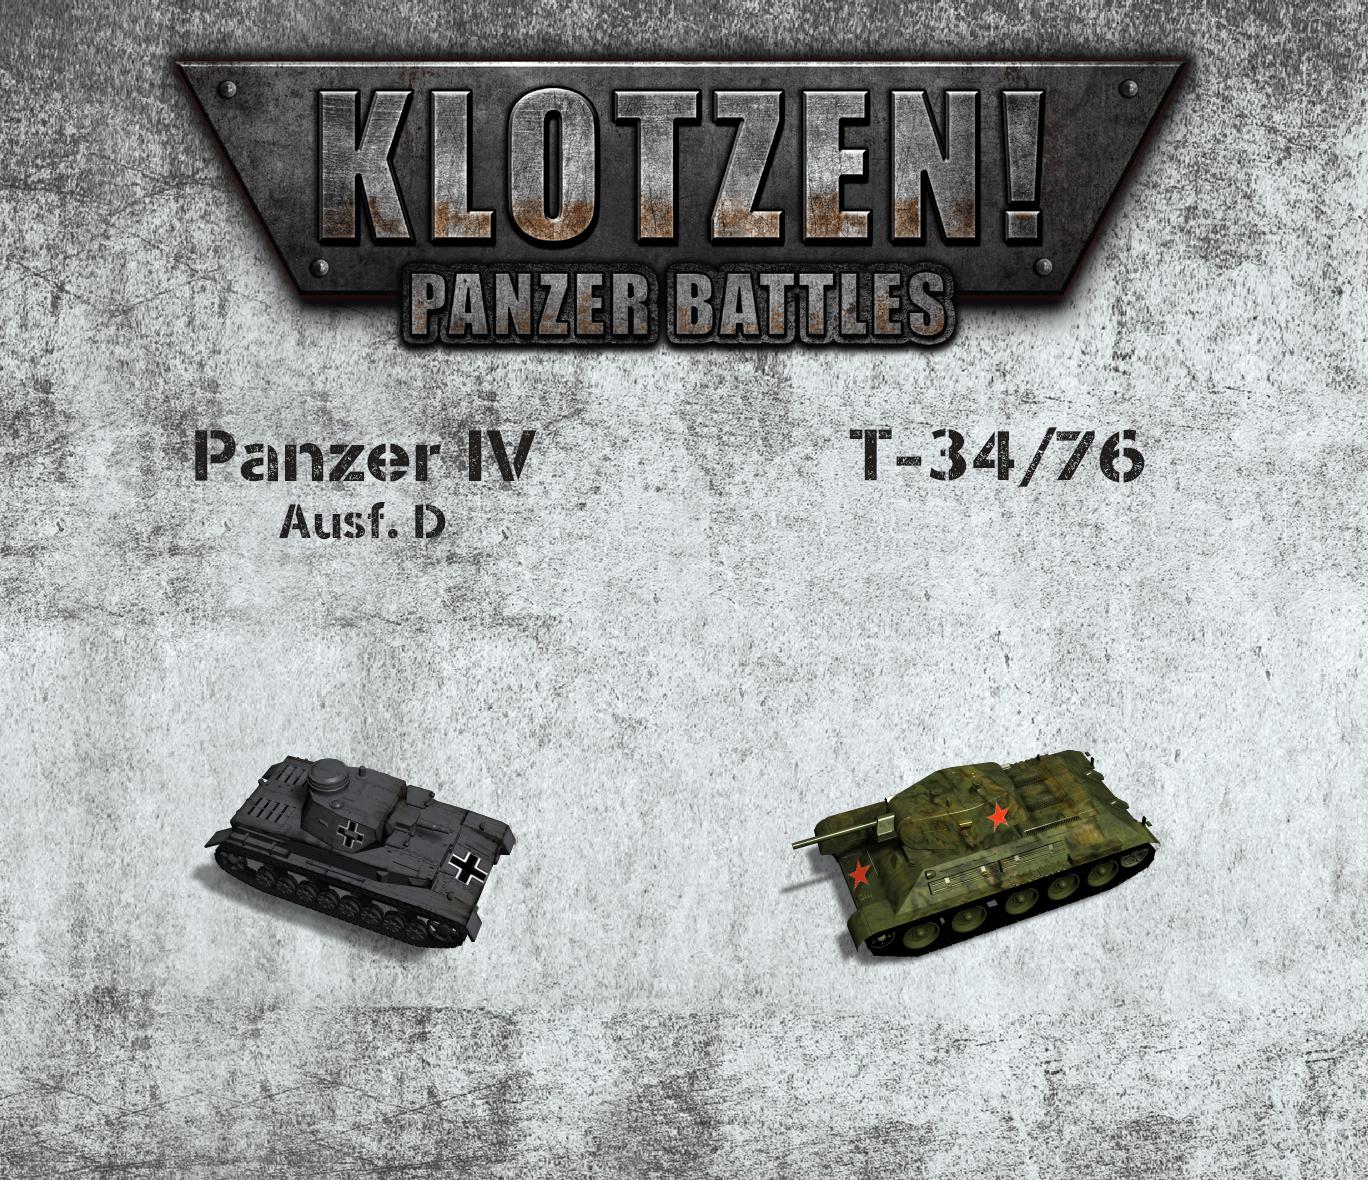 Klotzen! Panzer Battles :: Panzer IV Ausf  D vs T-34/76